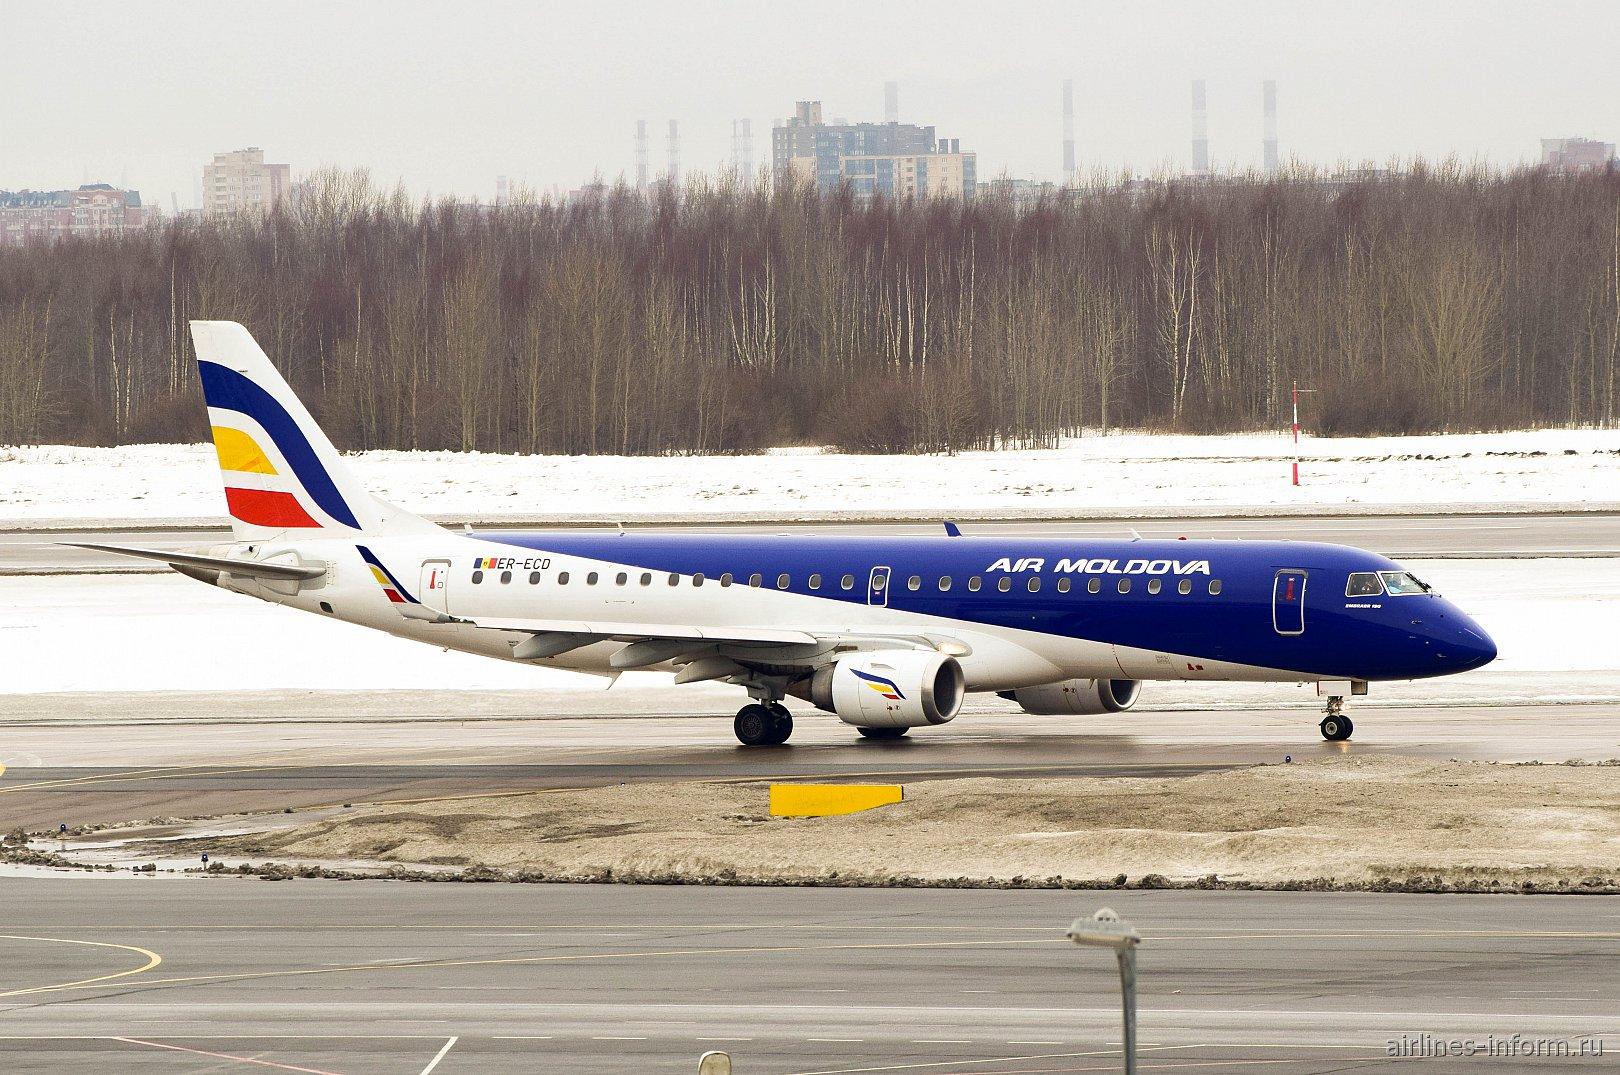 """Самолет Embraer 190 ER-ECO авиакомпании """"Air Moldova"""" в аэропорту Пулково"""